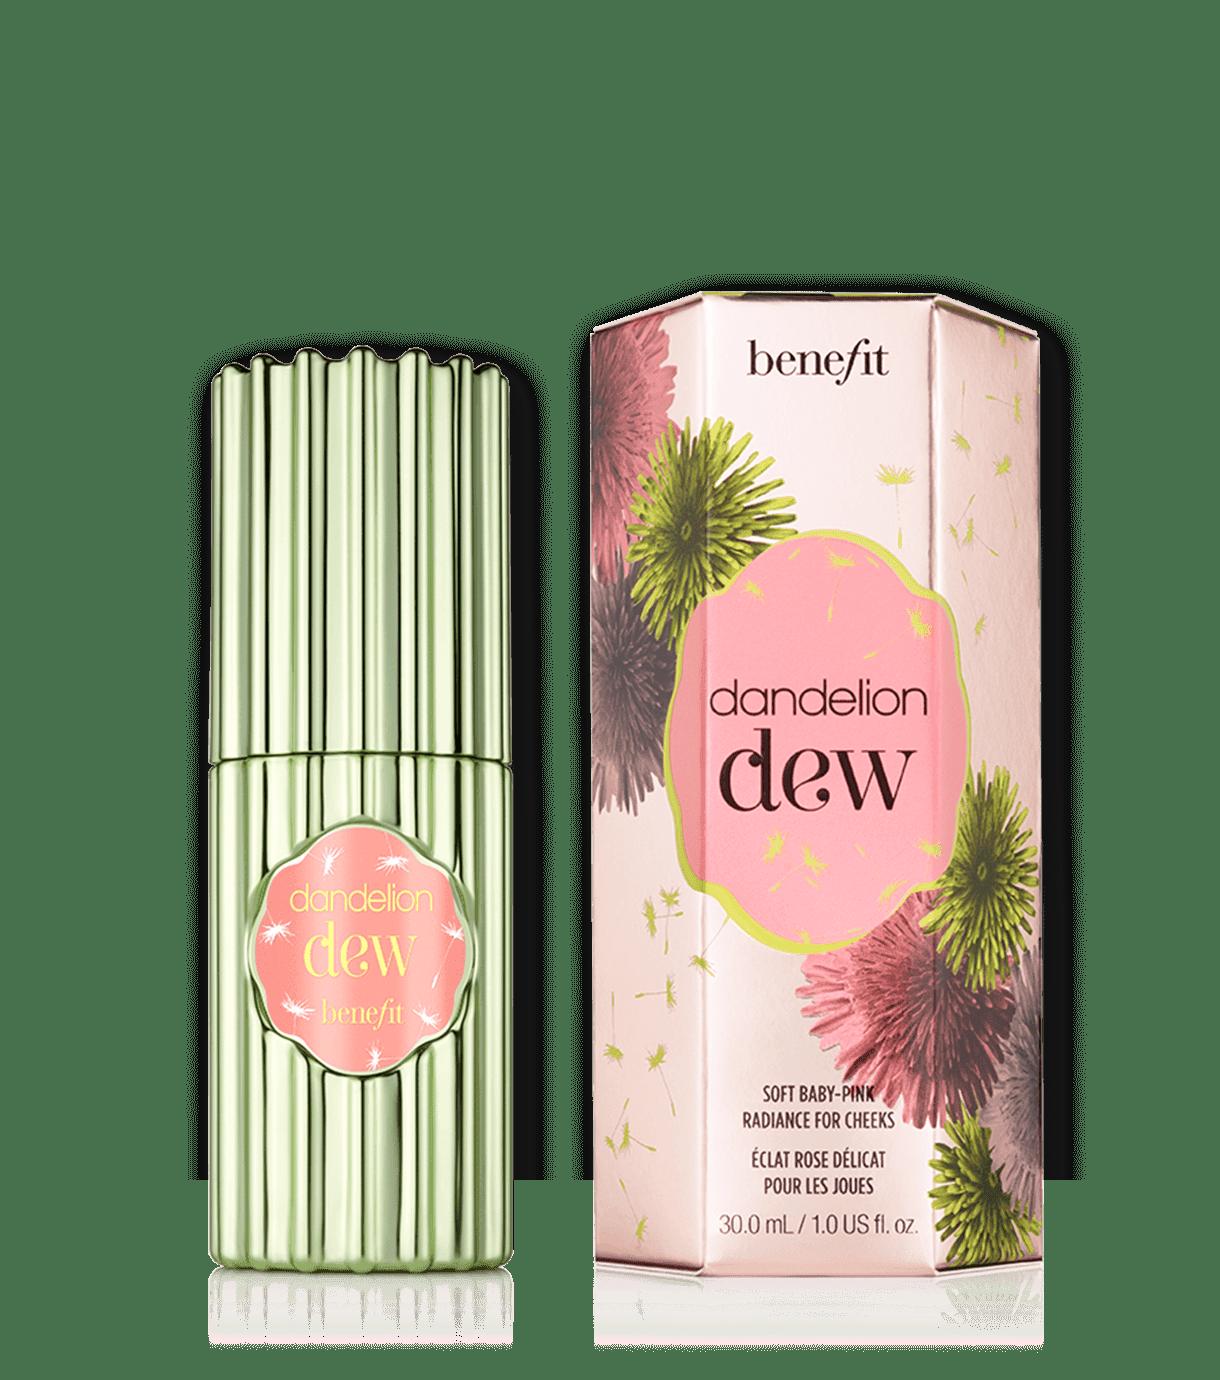 Perfume clipart chanel no 5. May femininity and glamorous